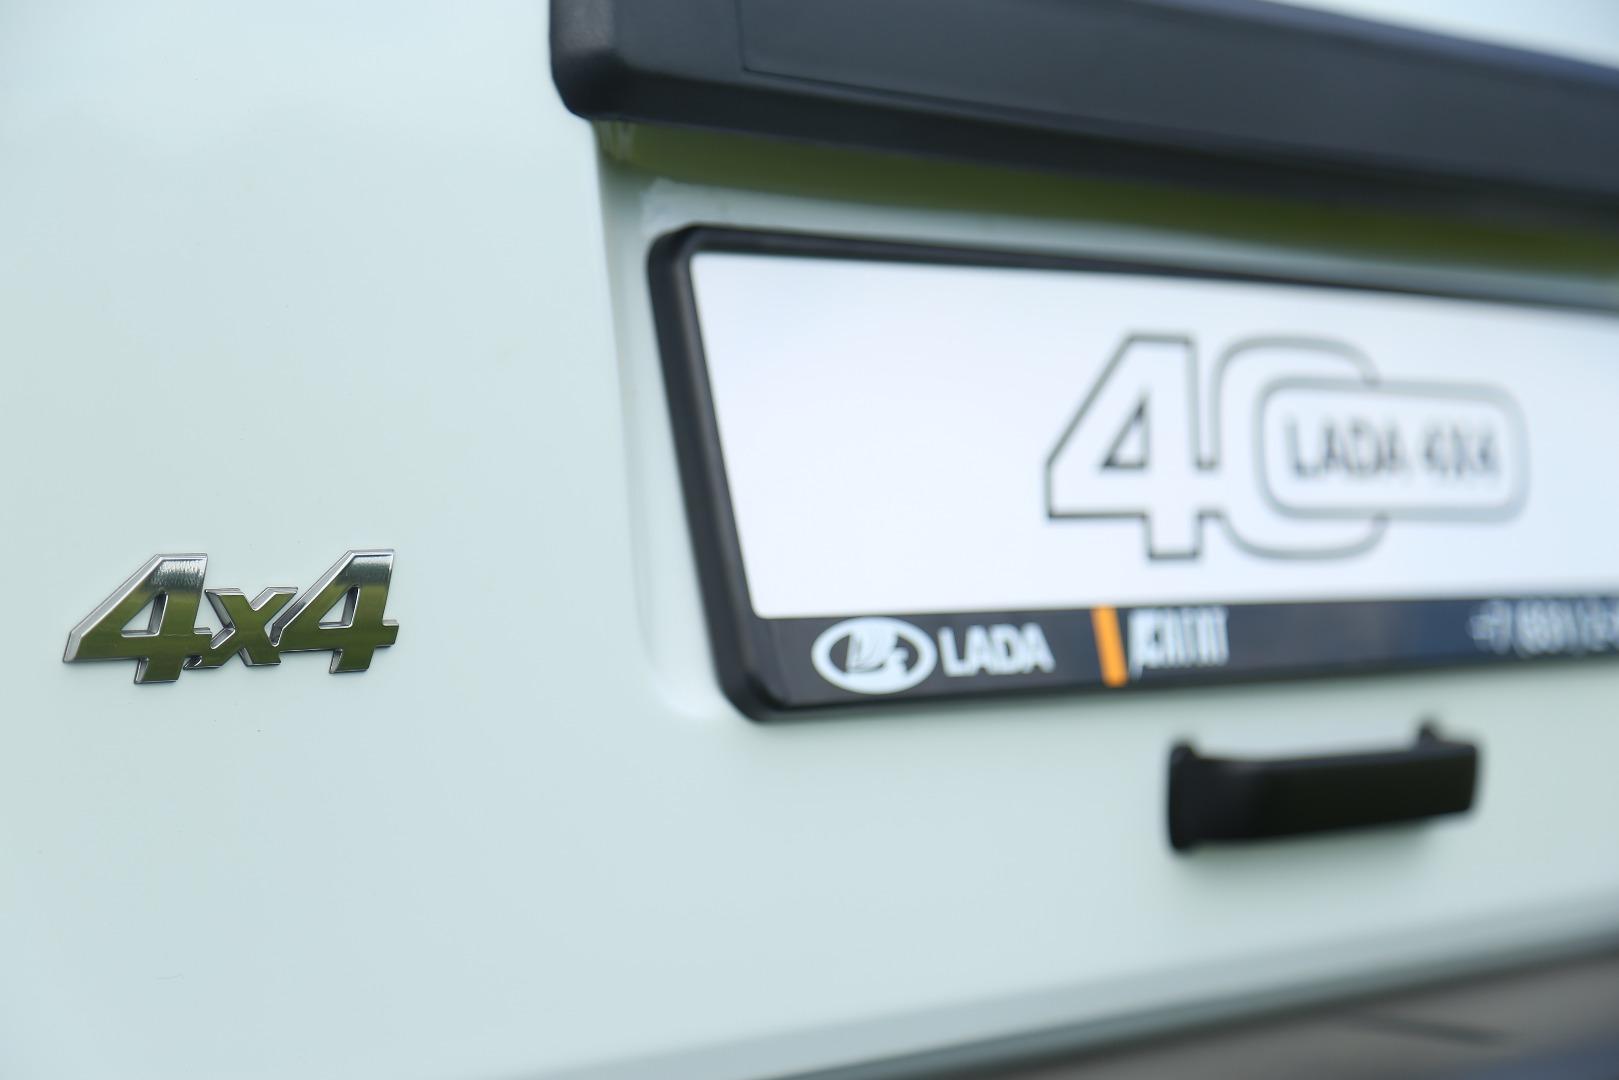 Легендарная НИВА (LADA 4x4) отпраздновала свой 40-летний юбилей